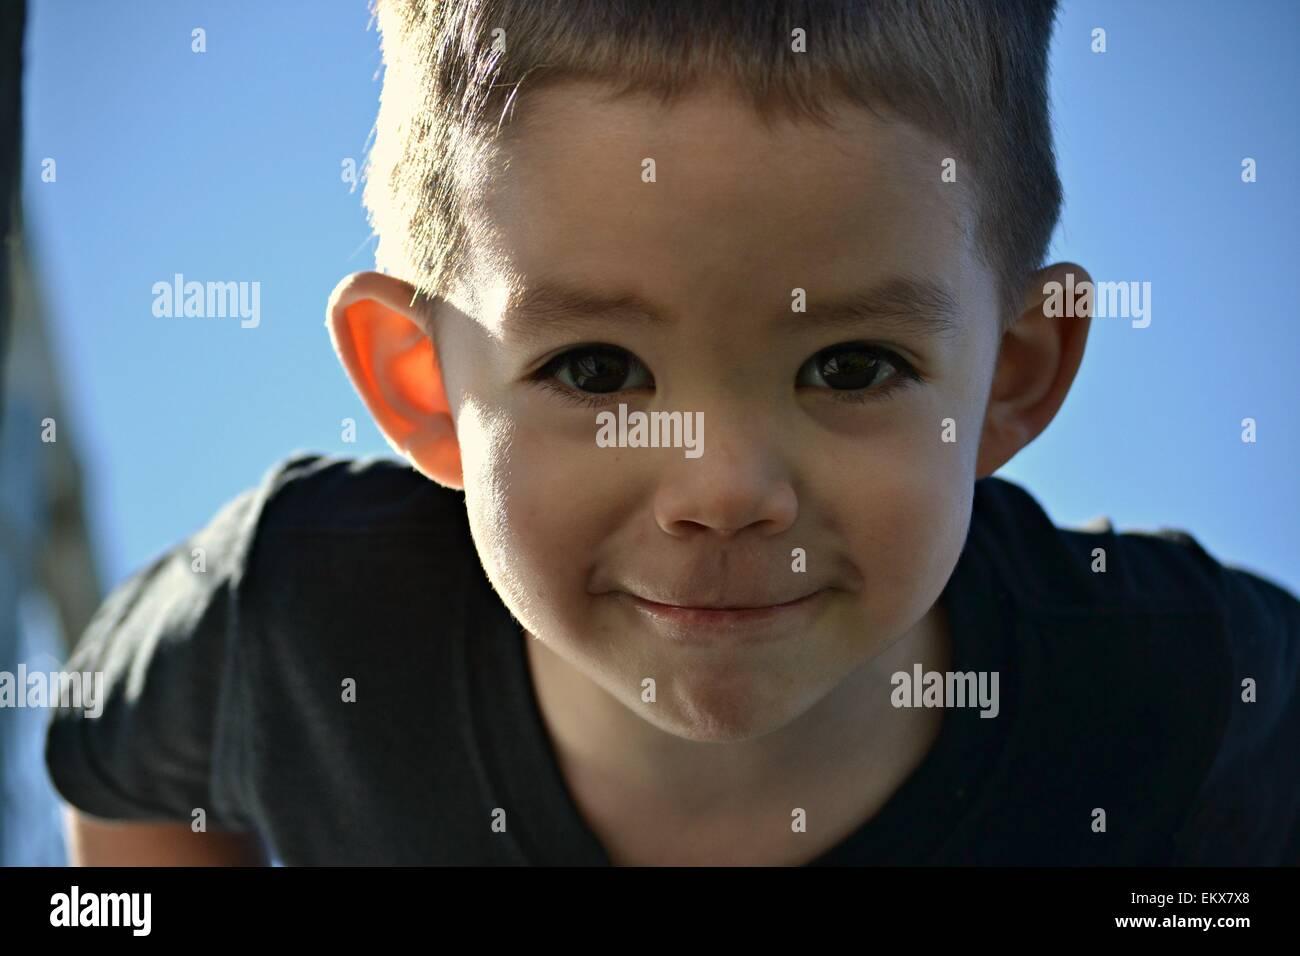 Cute Boy Big Brown Eyes Stock Photos Cute Boy Big Brown Eyes